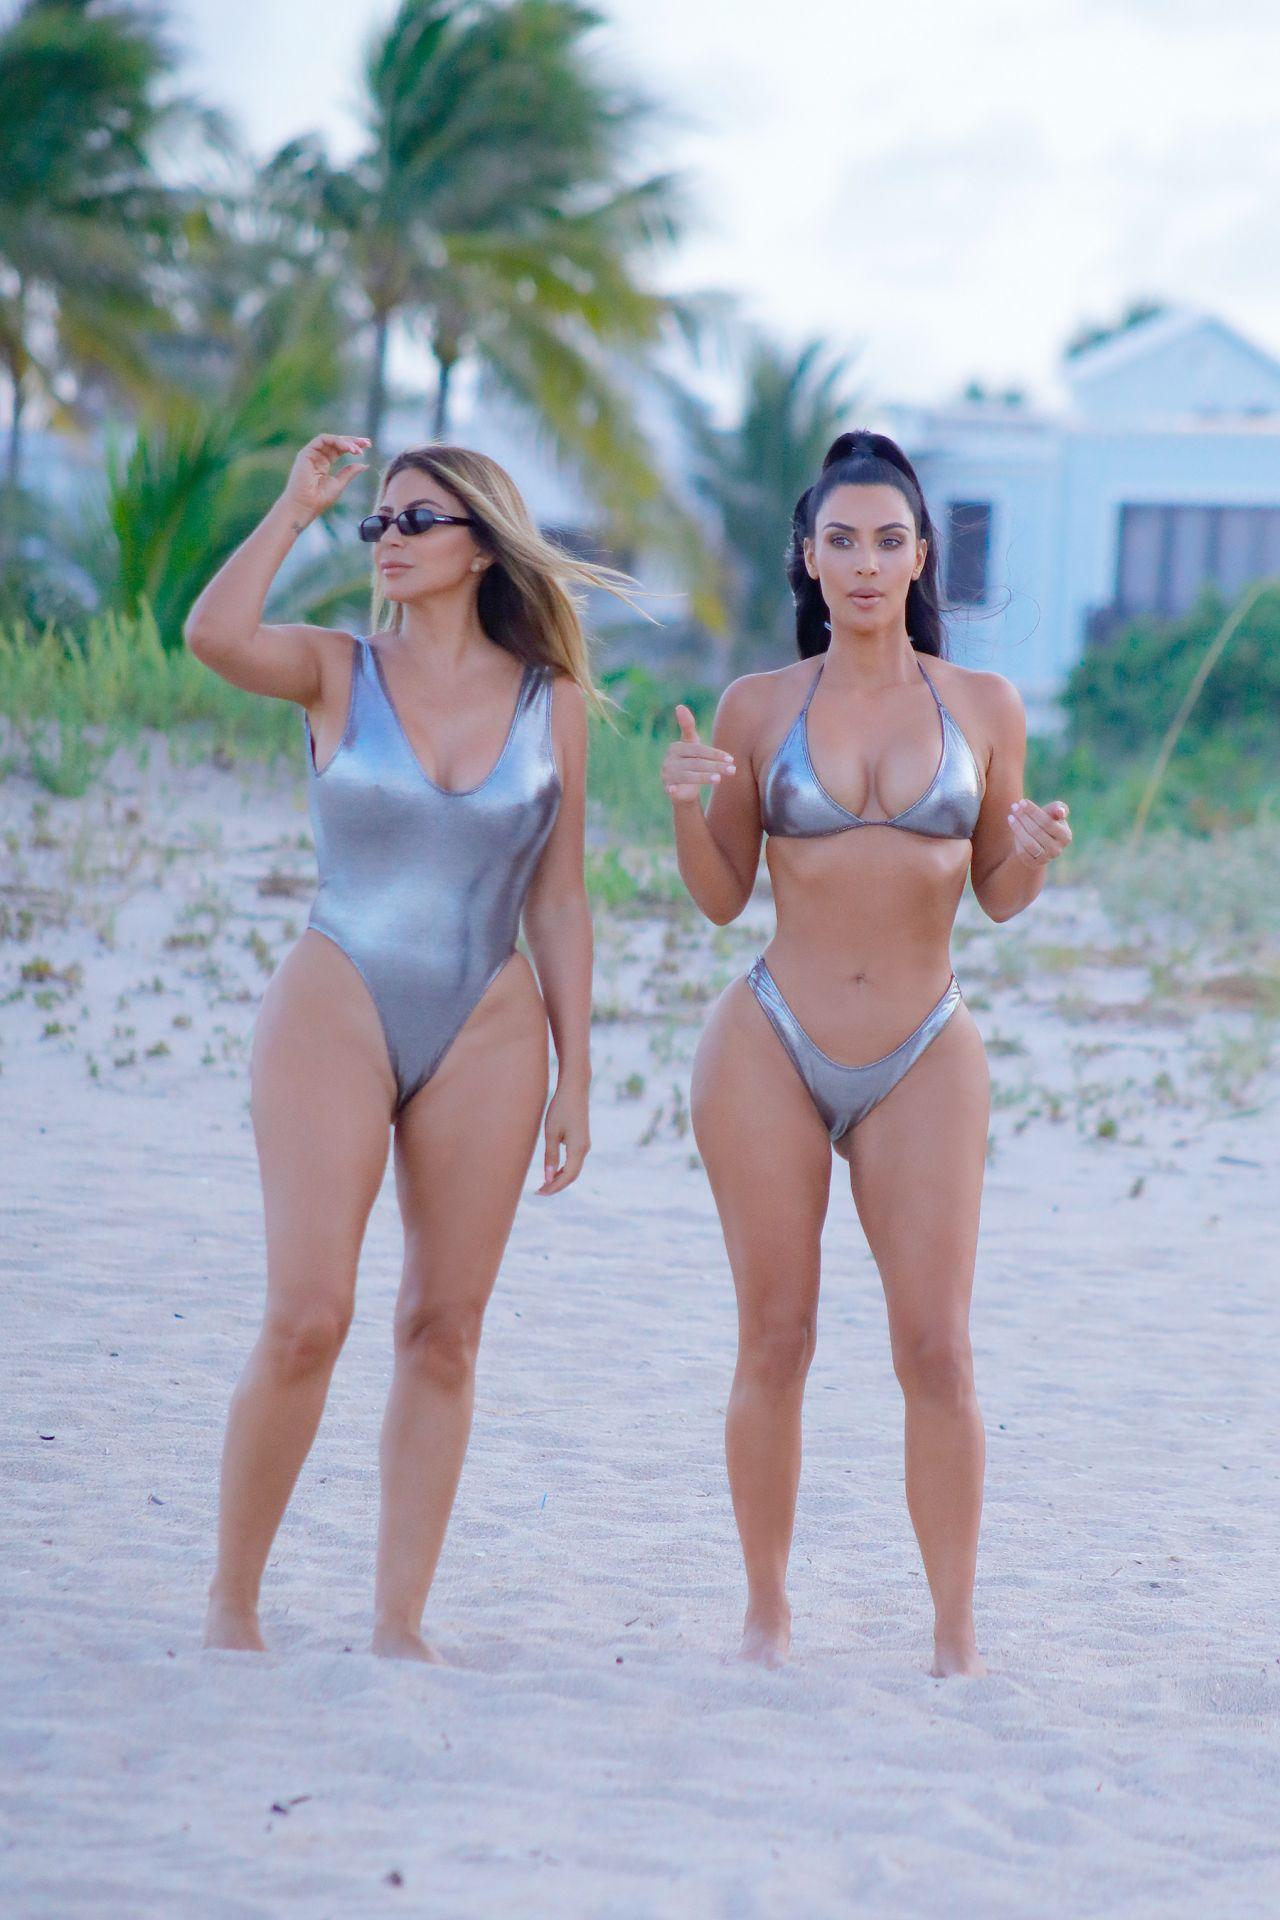 Curvy woman posing nude